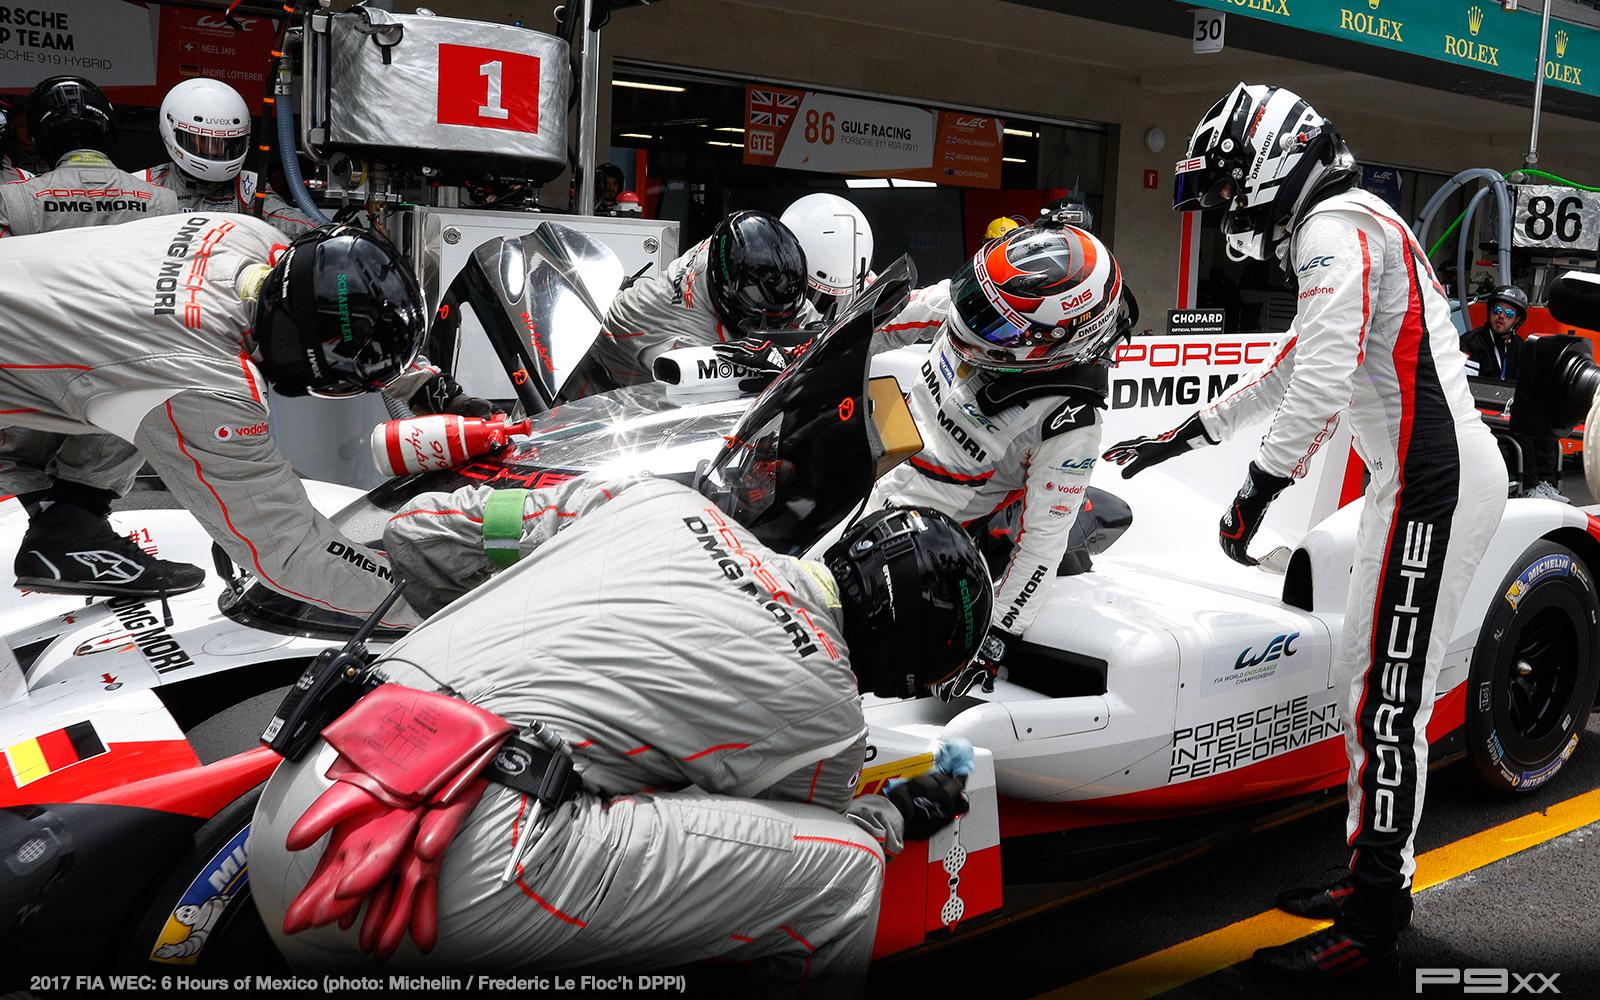 2017-FIA-WEC-6-HOURS-MEXICO-PORSCHE-exico_FLF_02117008_522561256